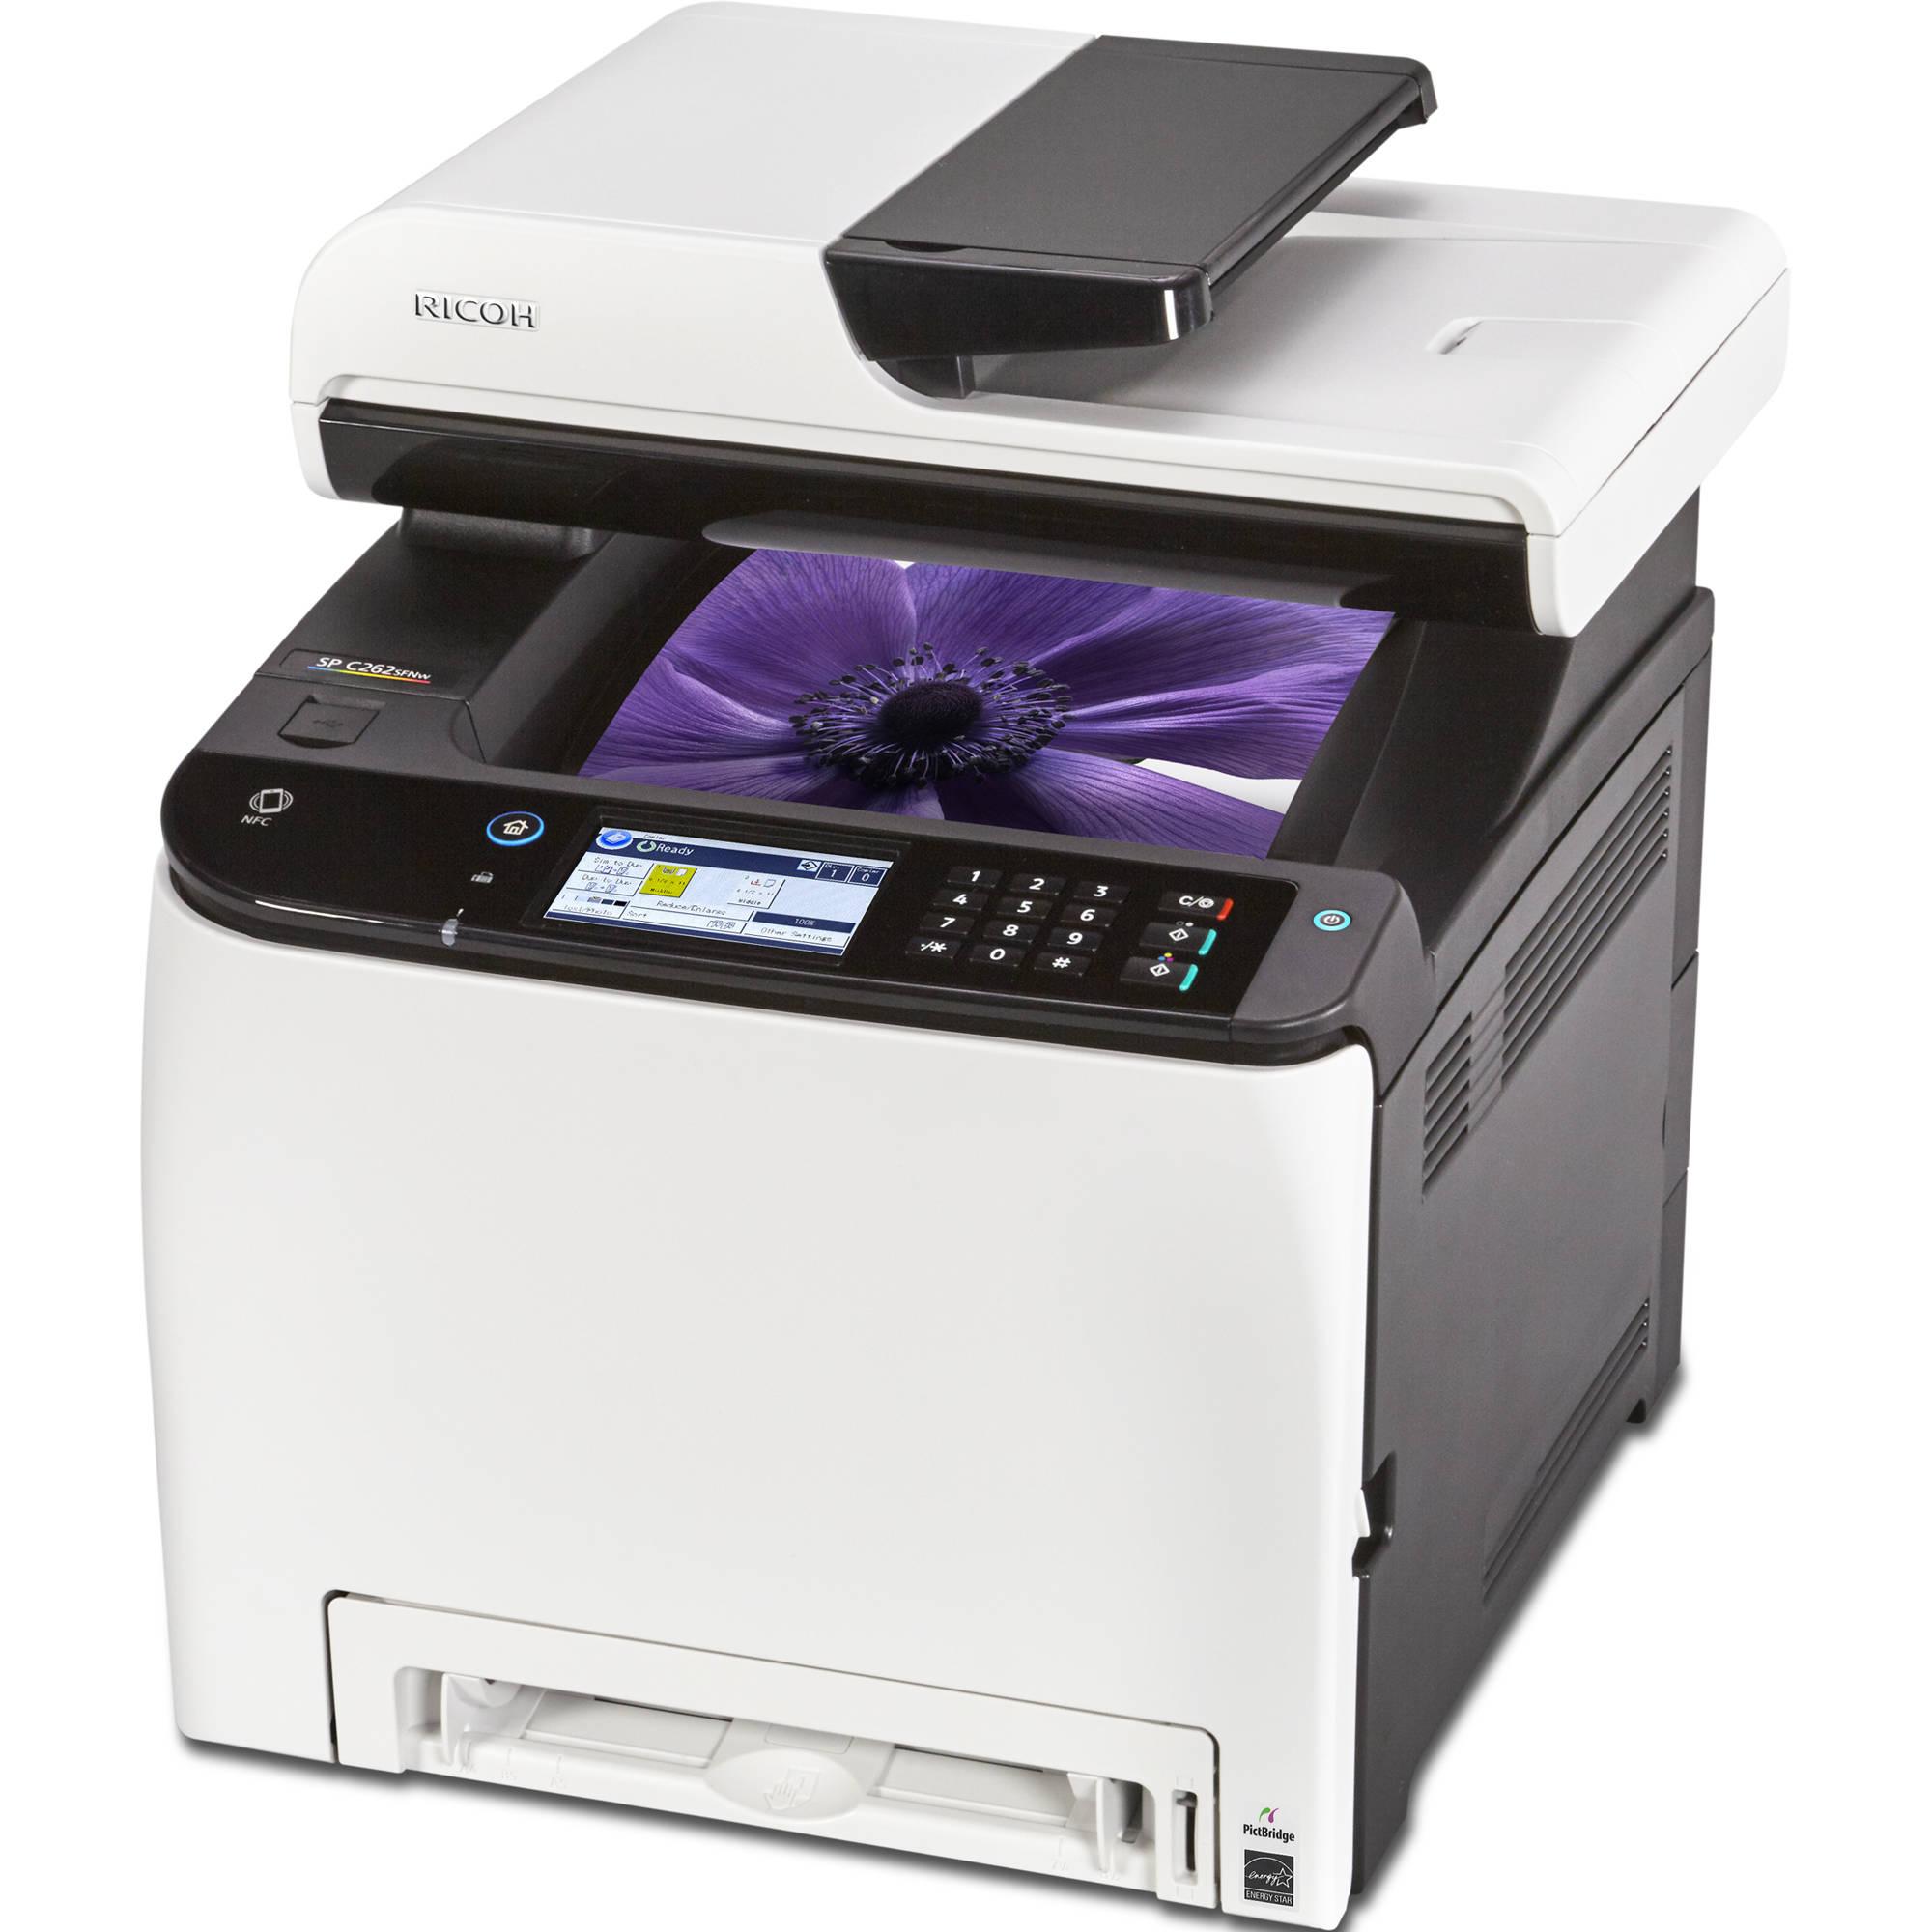 sp 150 принтер драйвер